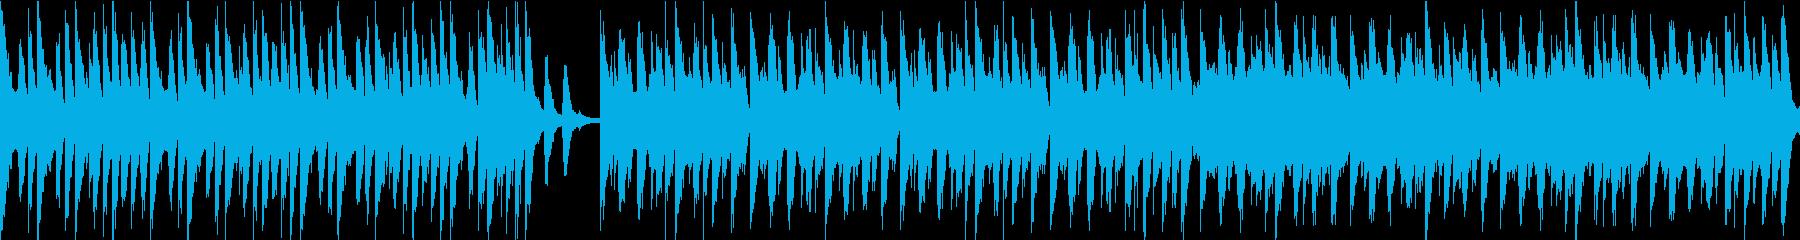 コミカルオーケストラ/静かめループ仕様の再生済みの波形